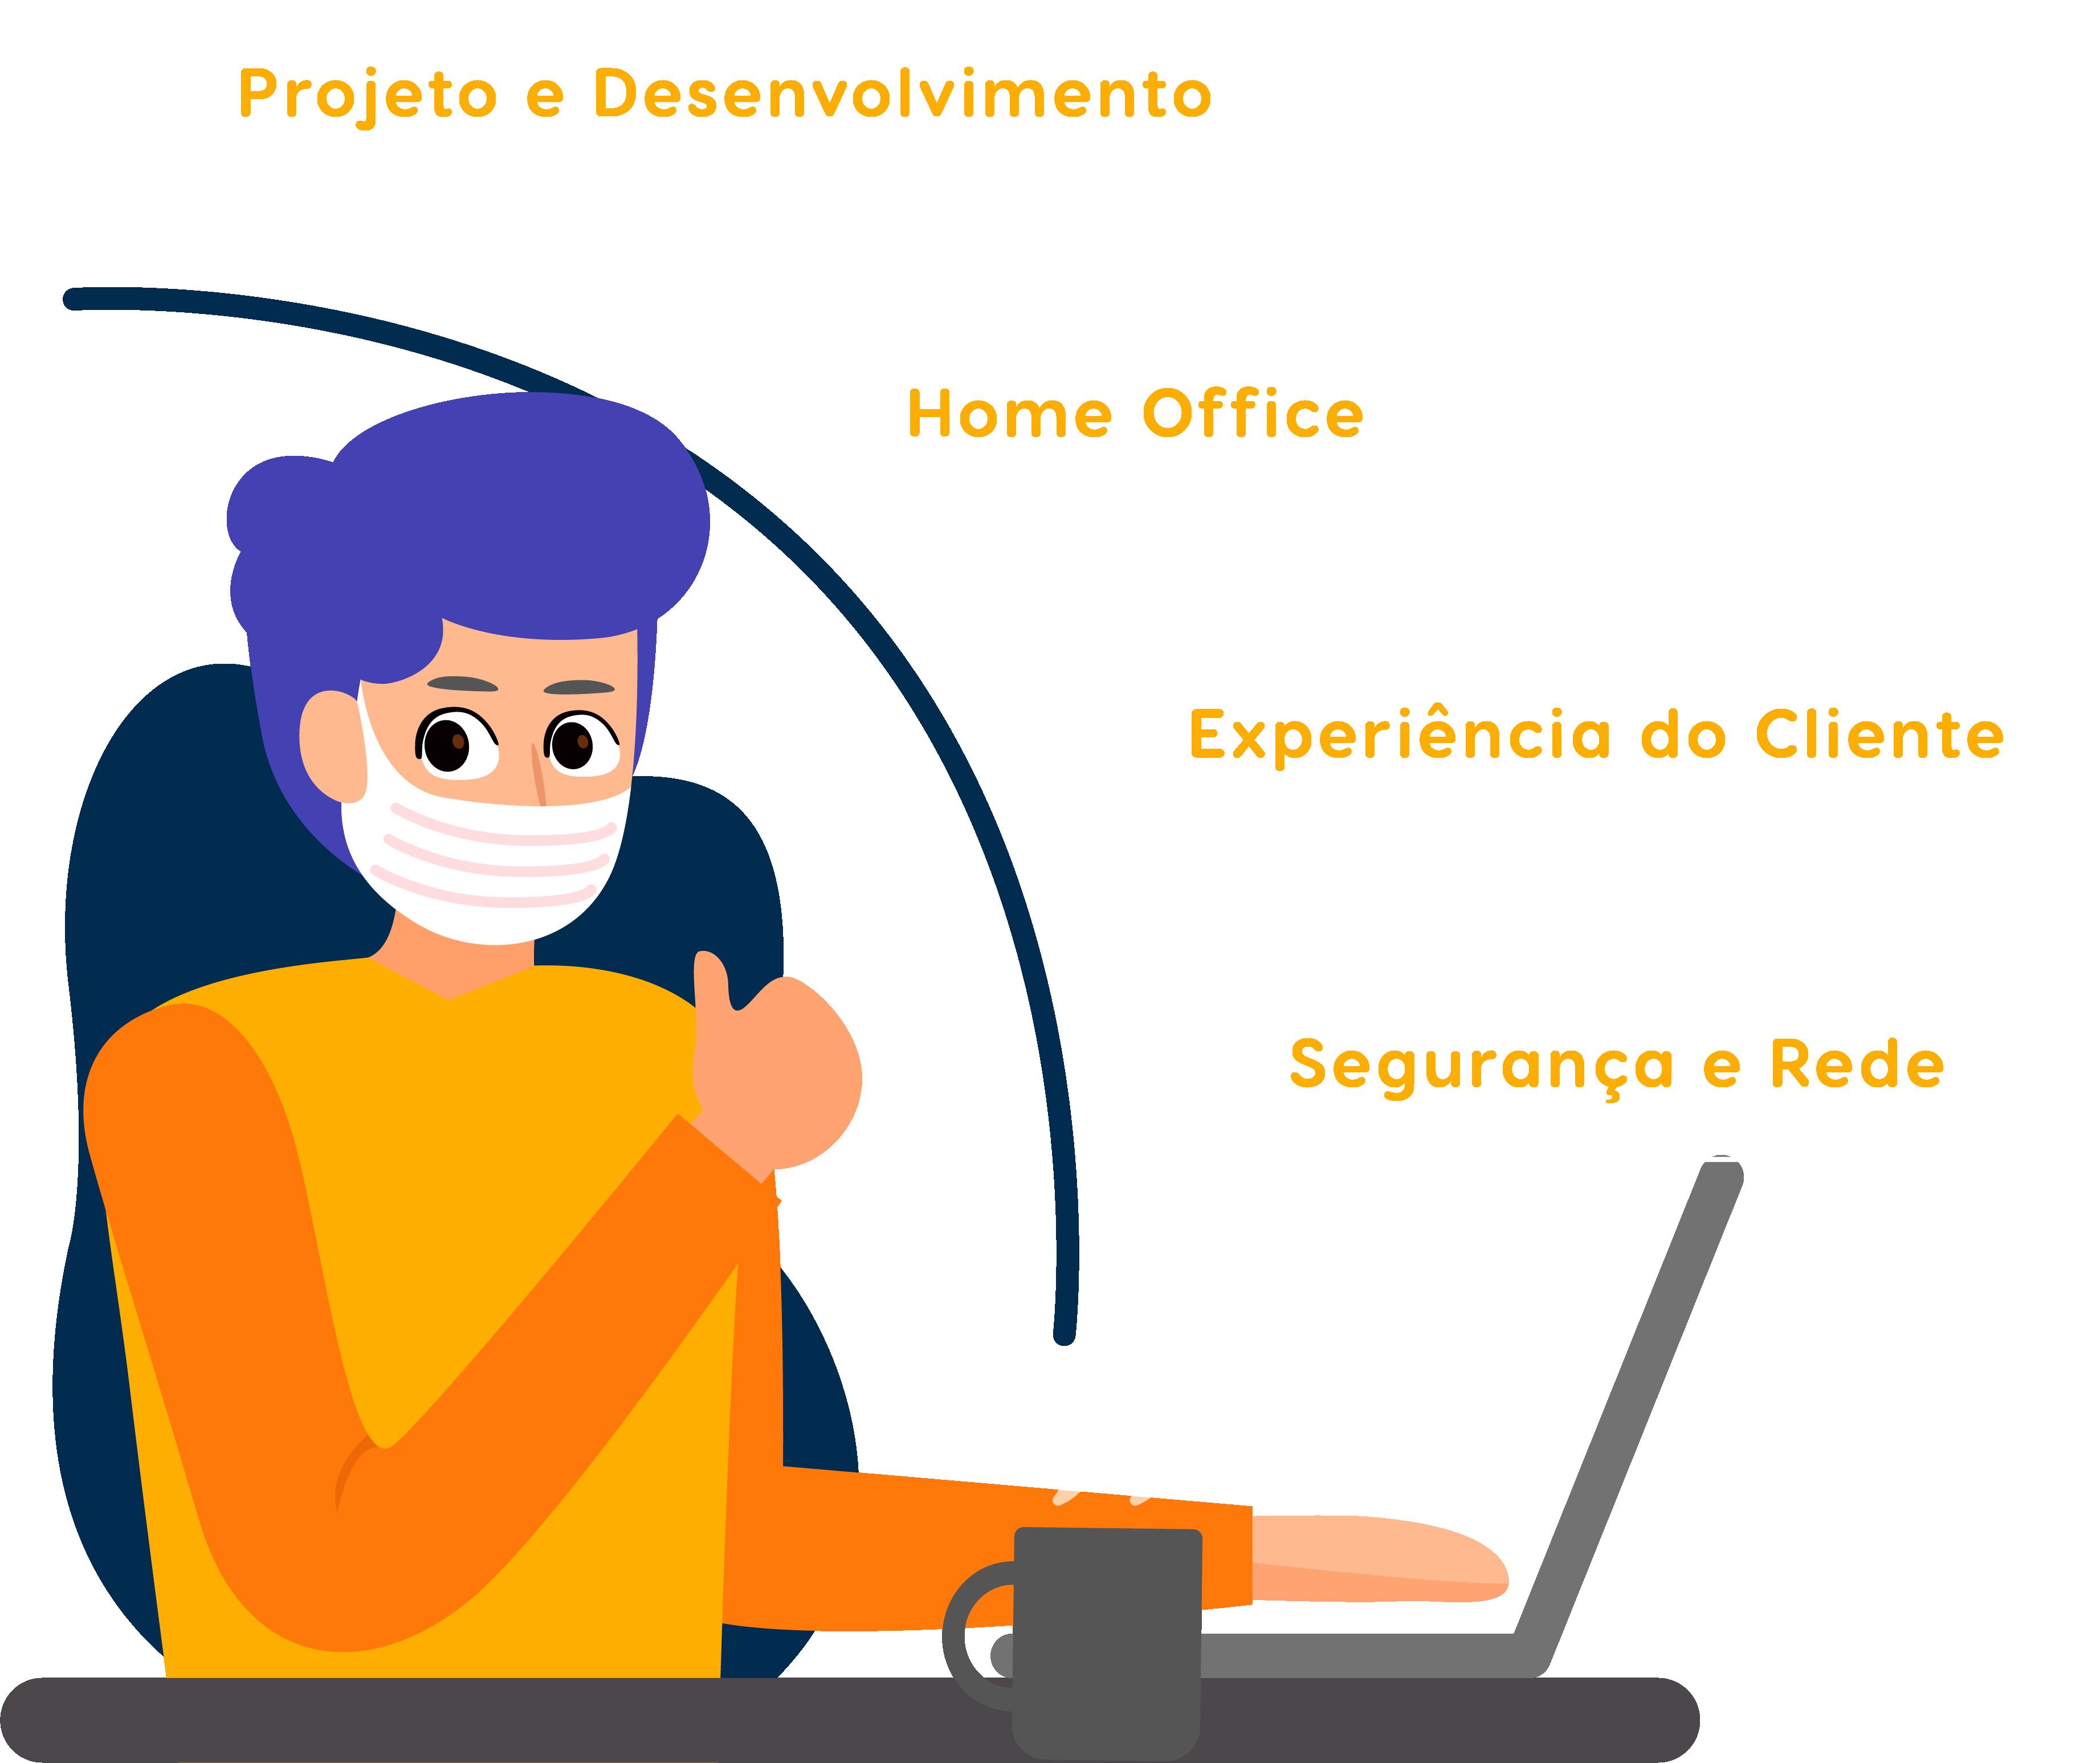 Guia da Software House em Quarentena